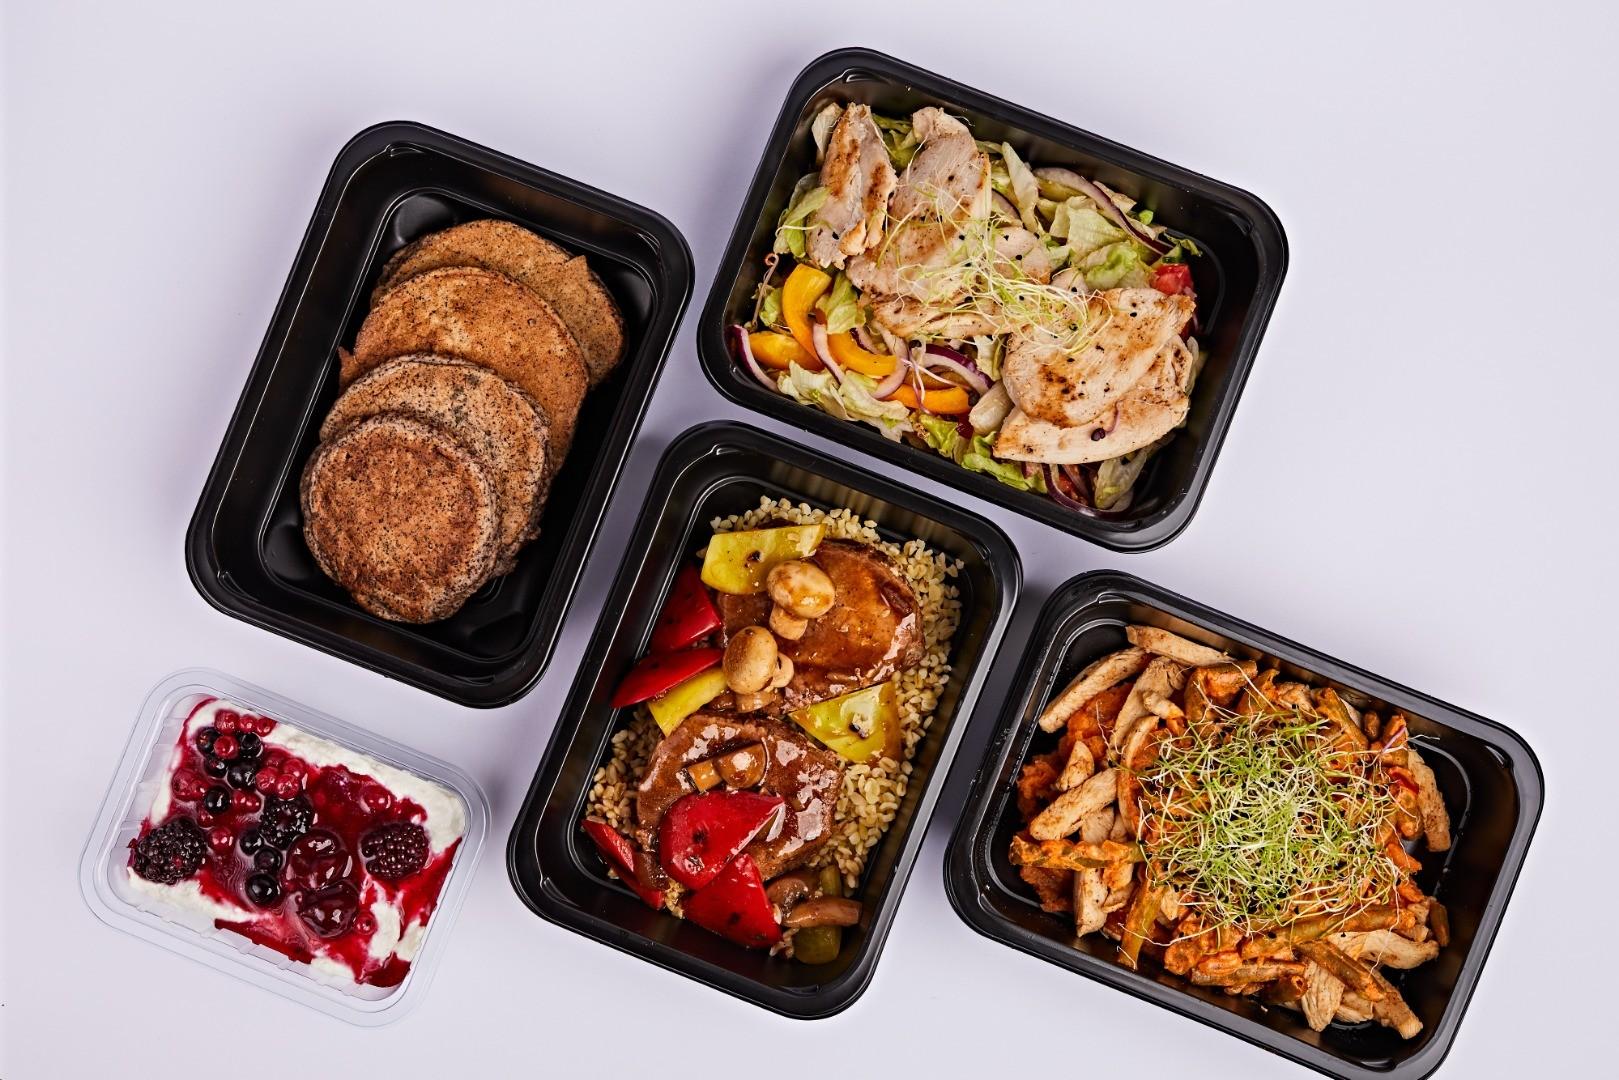 Diéta 1. táblázat hipokoleszterin